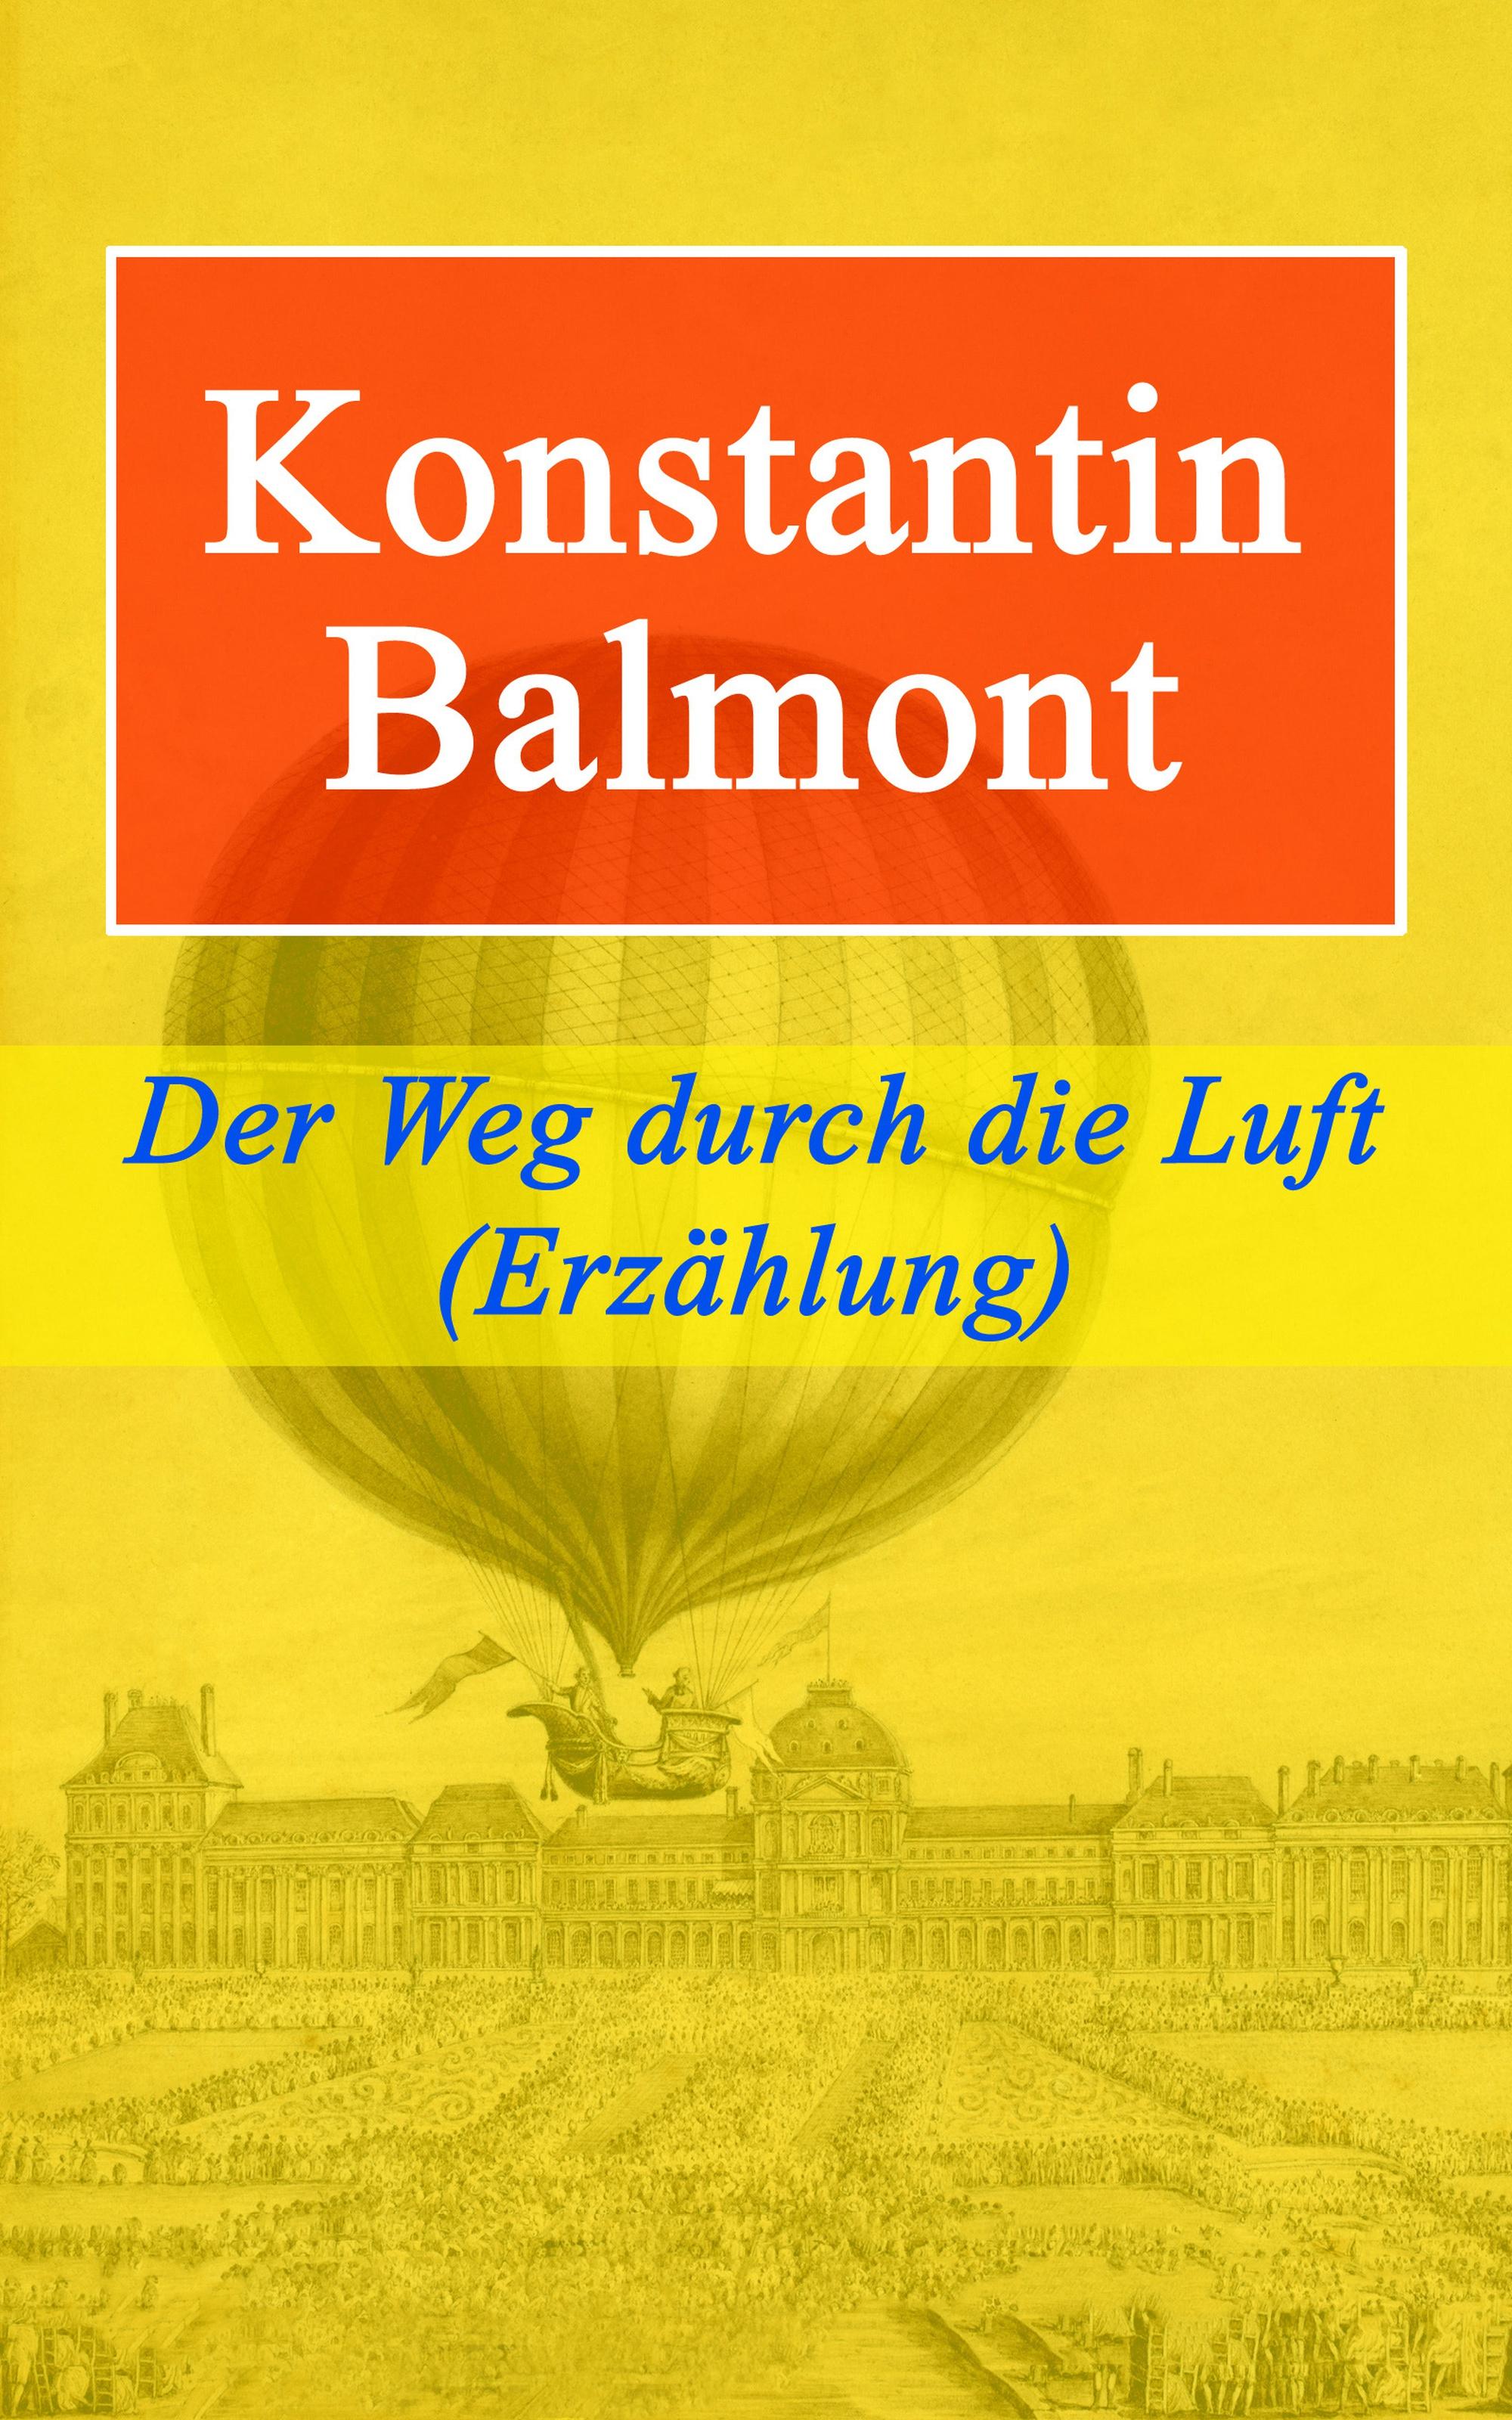 цены Konstantin Balmont Der Weg durch die Luft (Erzählung)